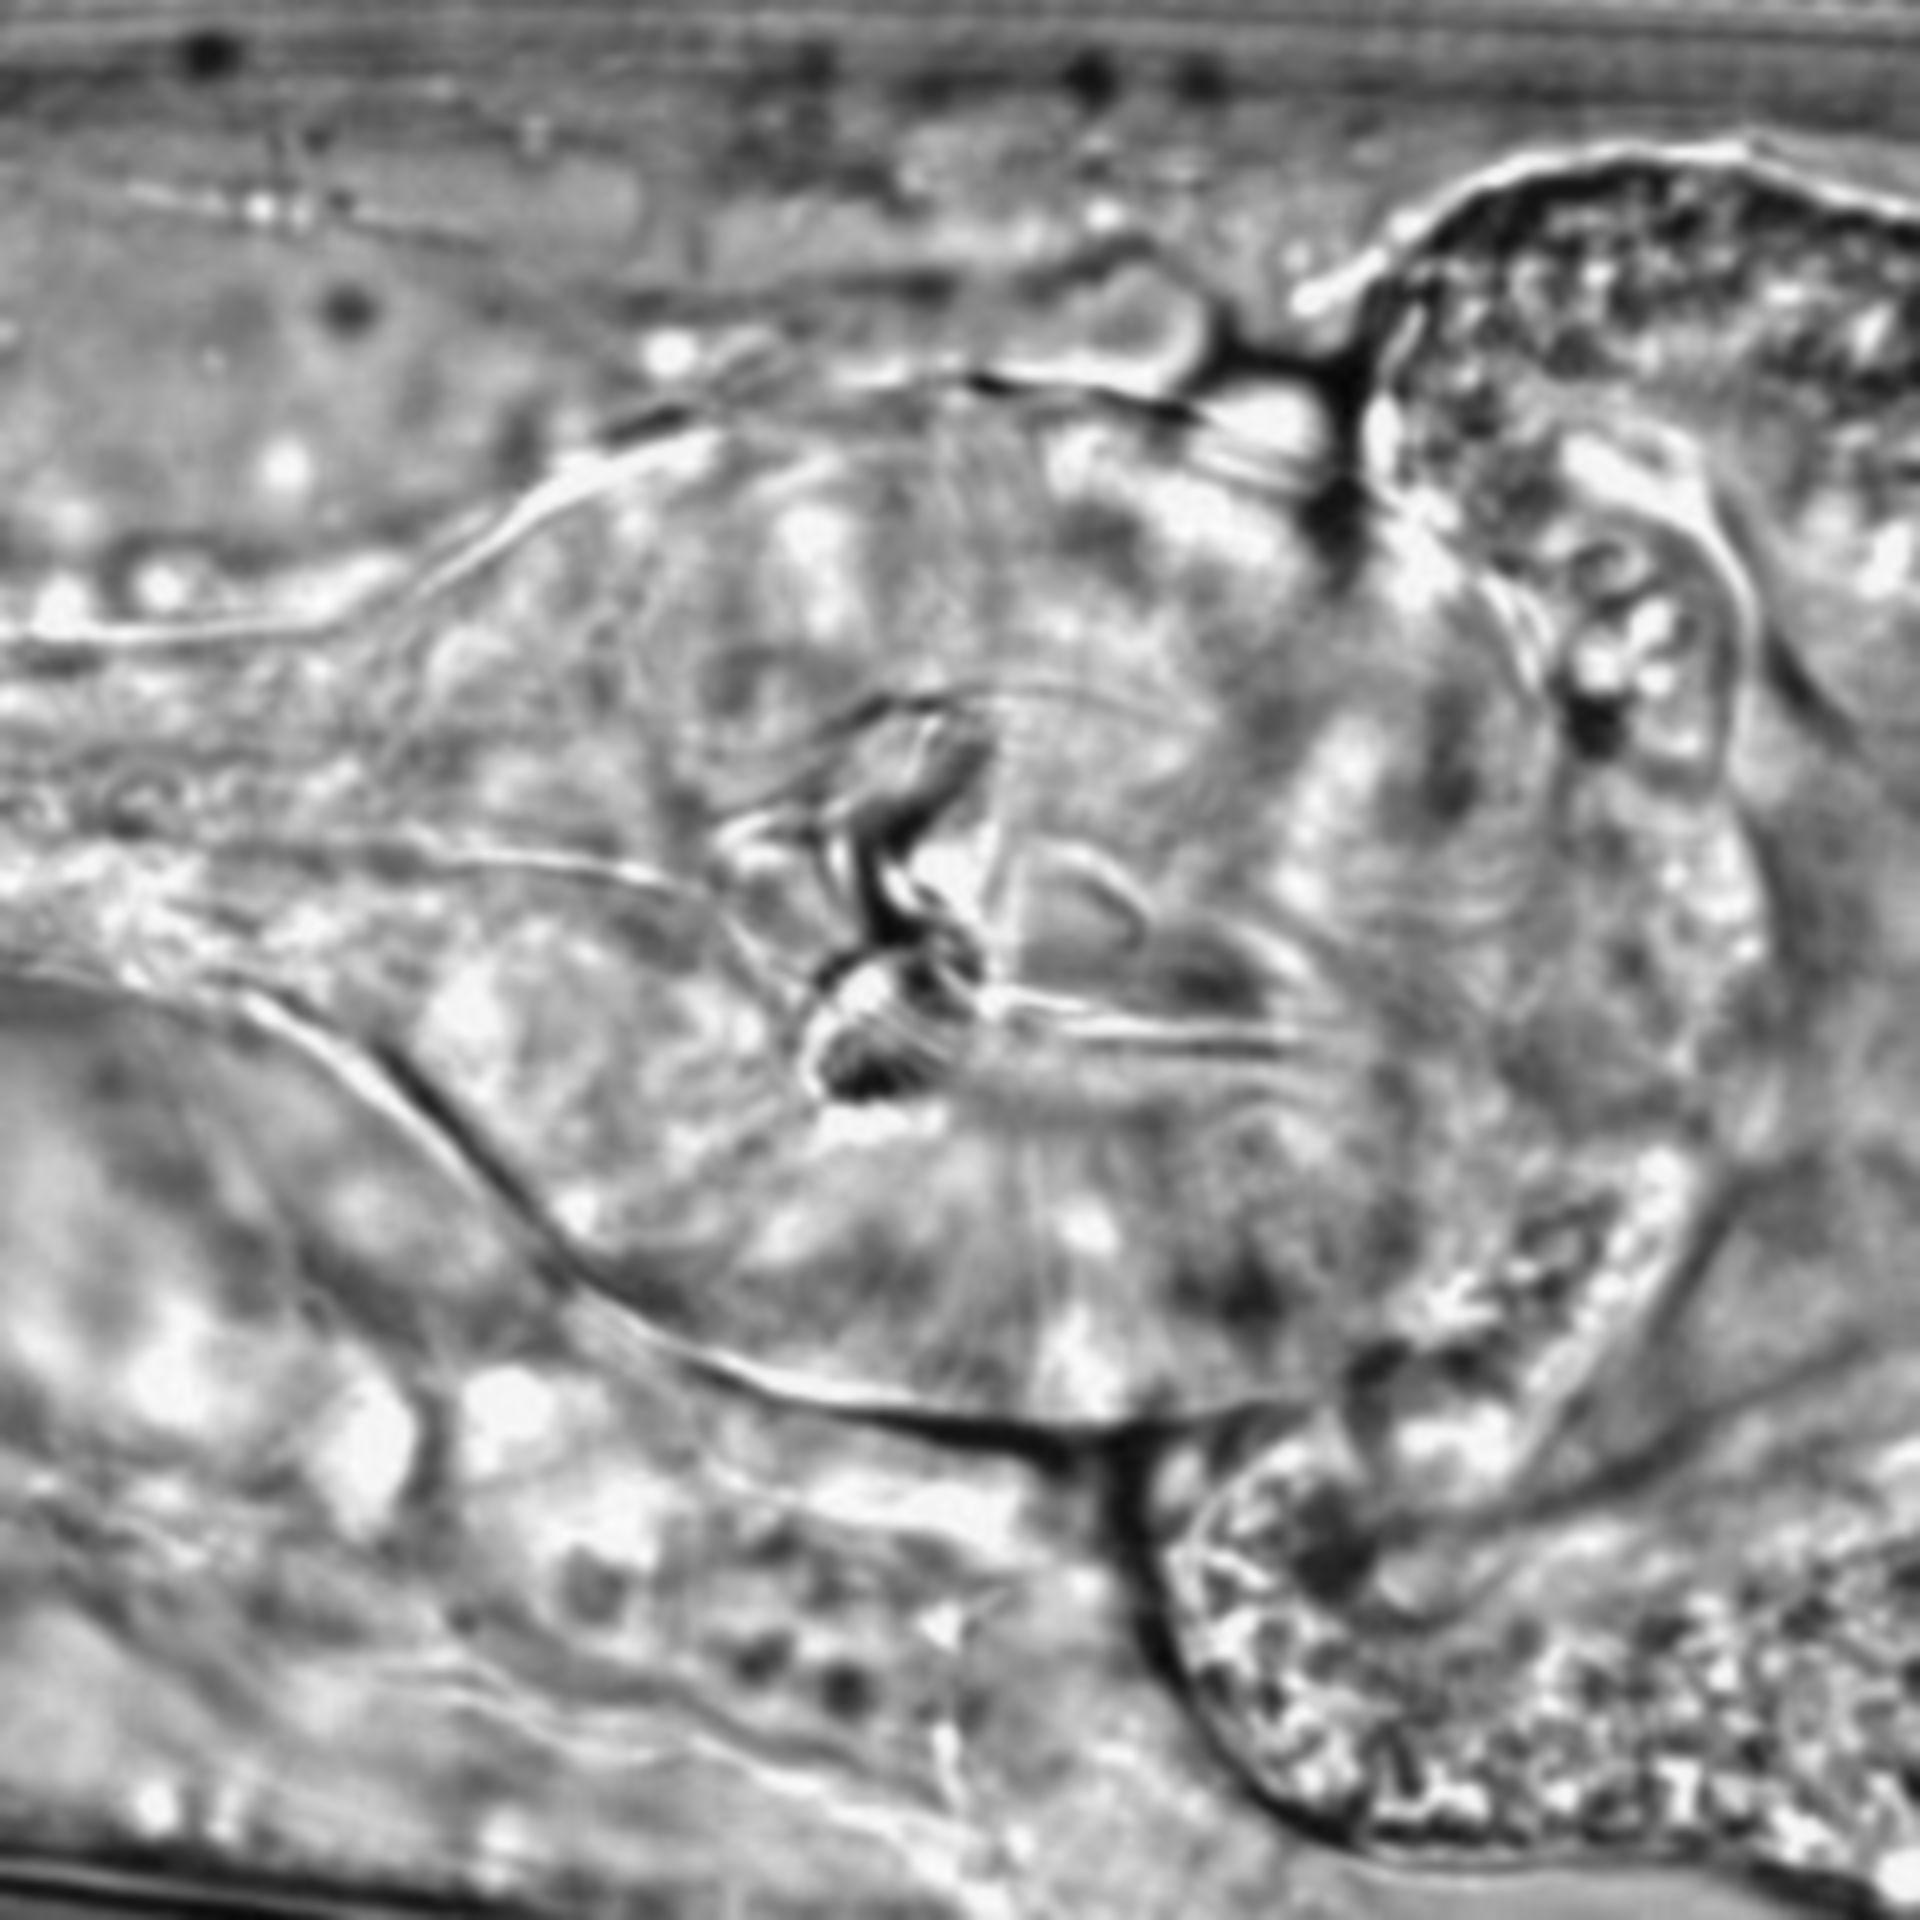 Caenorhabditis elegans - CIL:1630